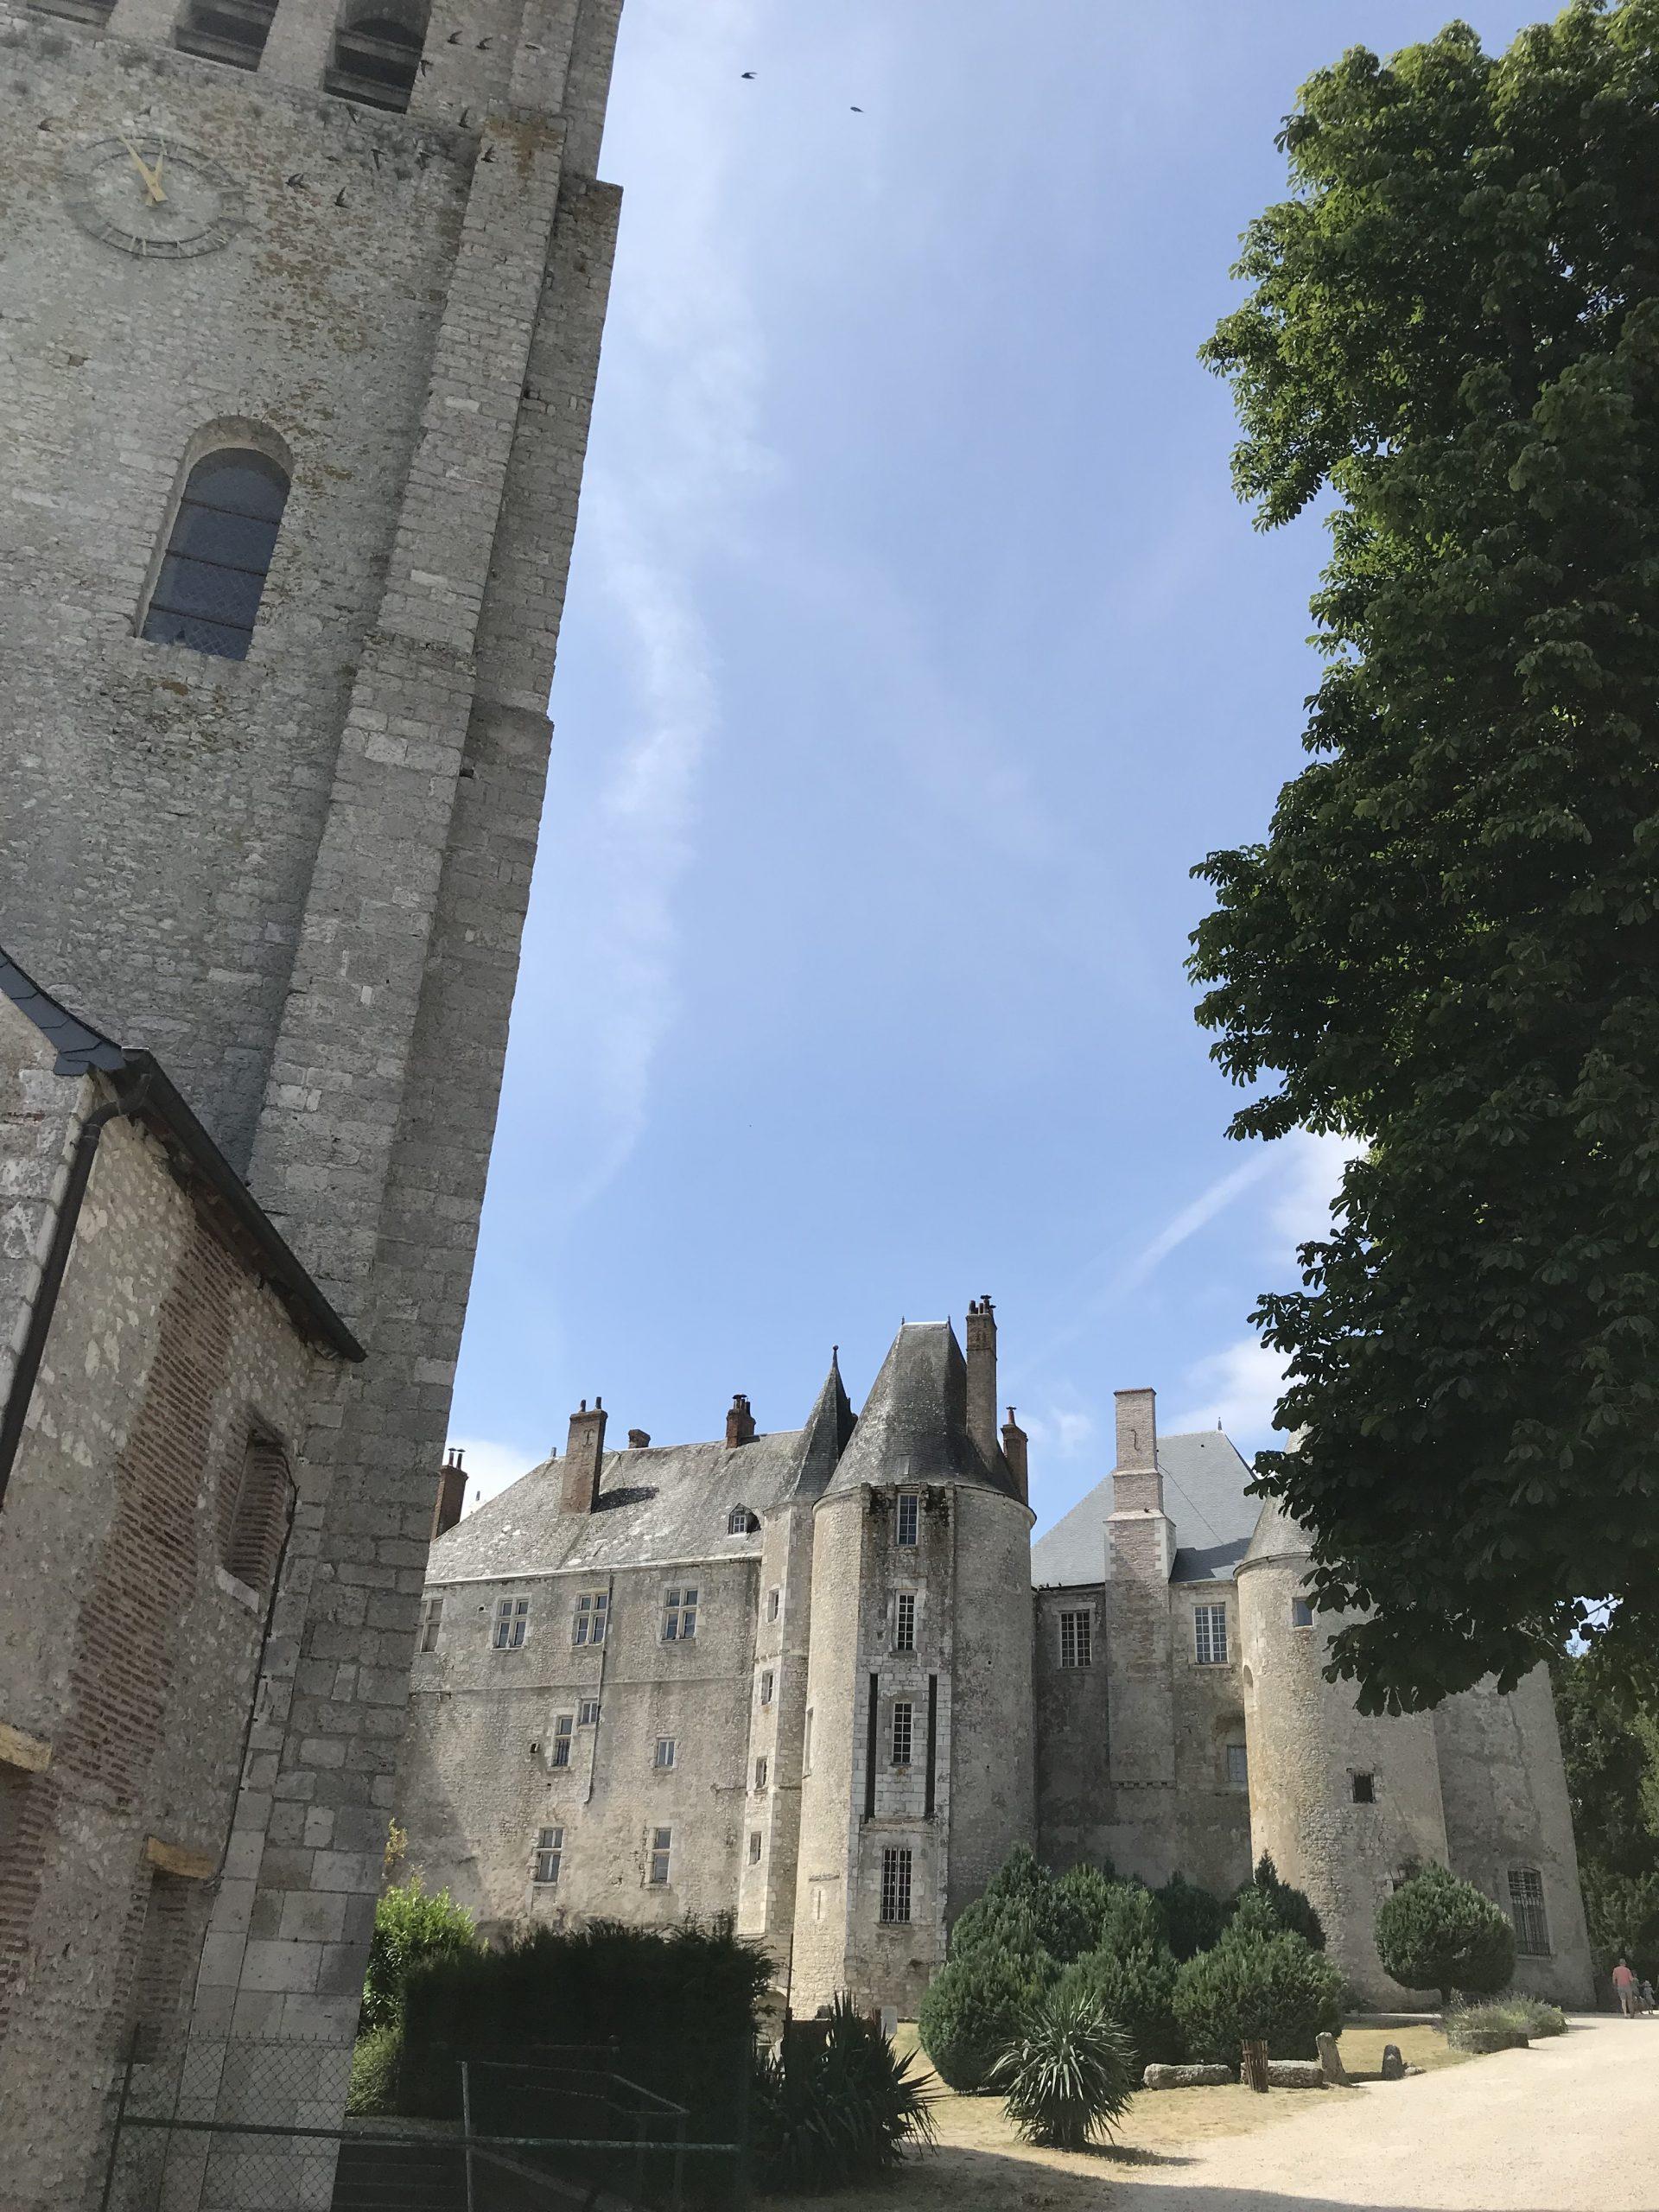 Chateau de Meung sur Loire